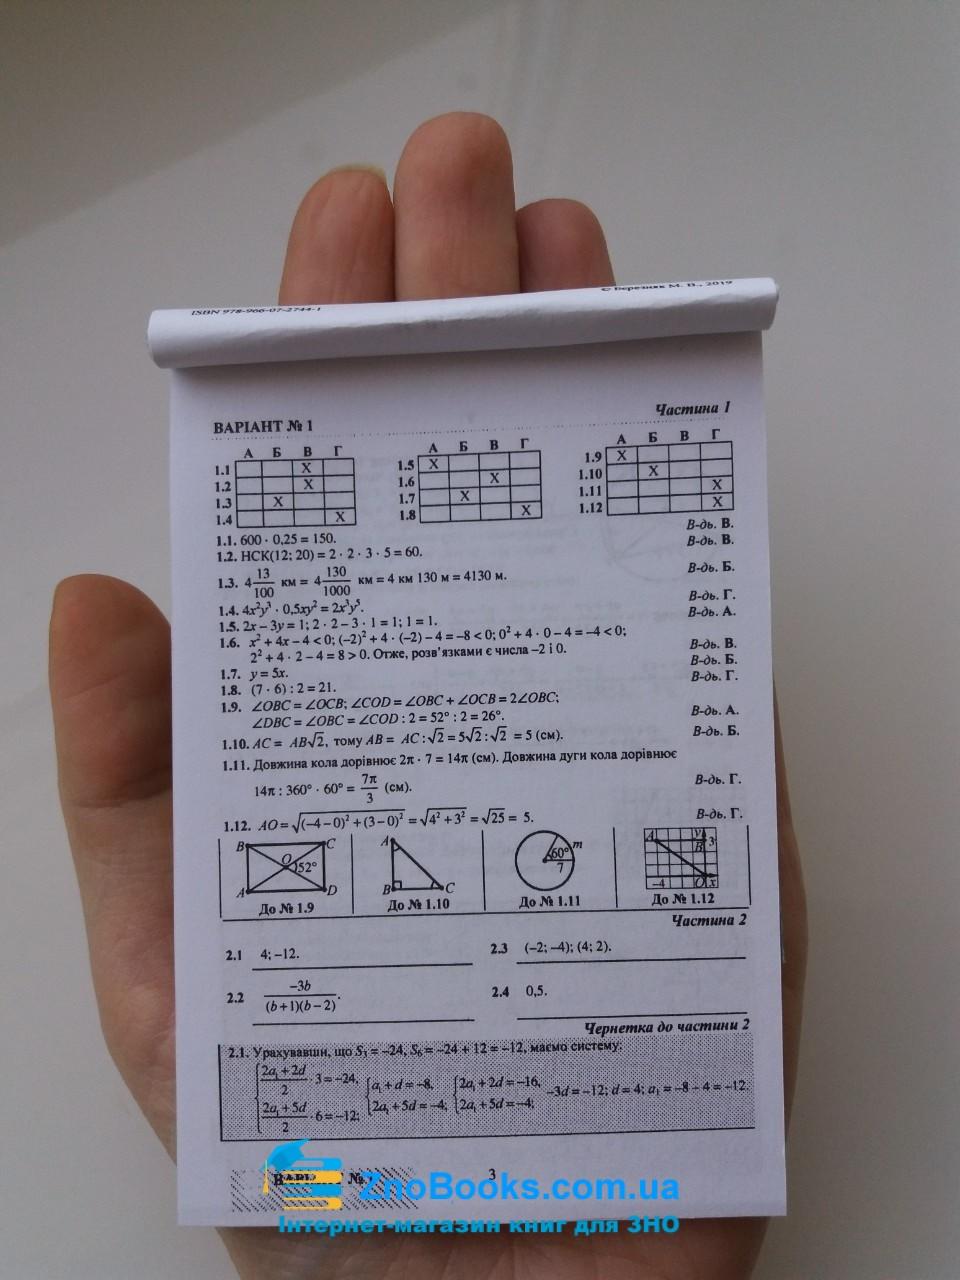 ШПАРГАЛКА. Відповіді до збірника для ДПА 2020 з математики 9 клас : Березняк М. Підручники і посібники. Купити 1